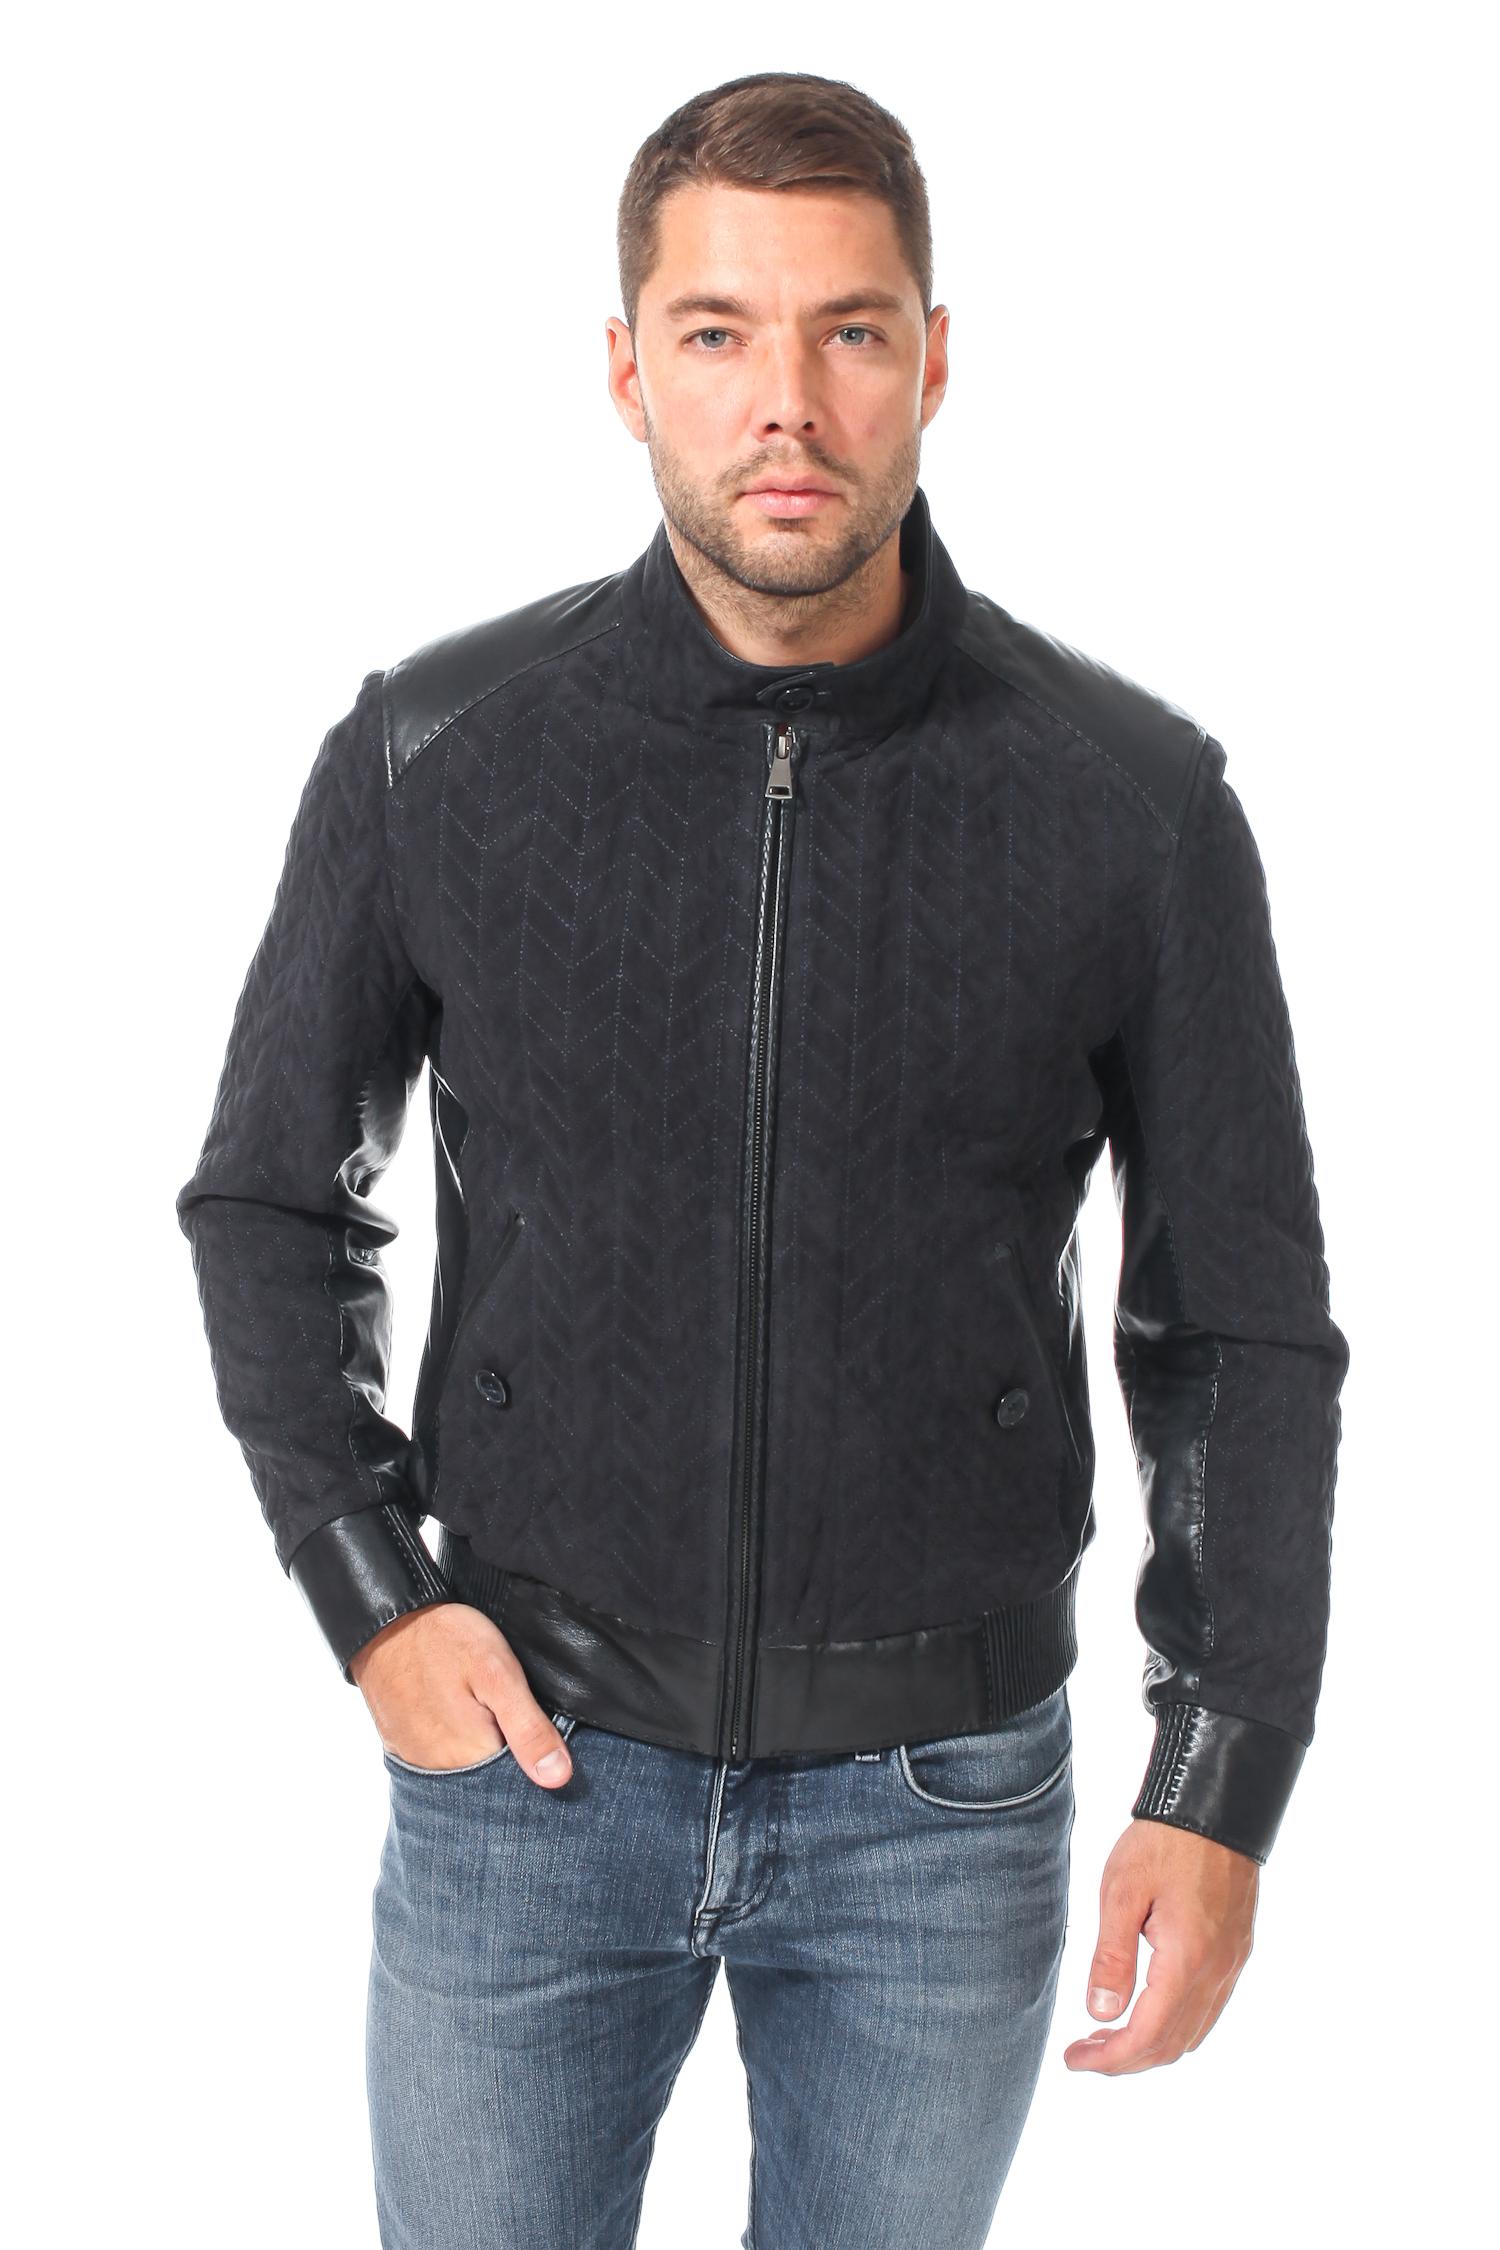 Мужская кожаная куртка из натуральной замши утепленная, отделка кожа